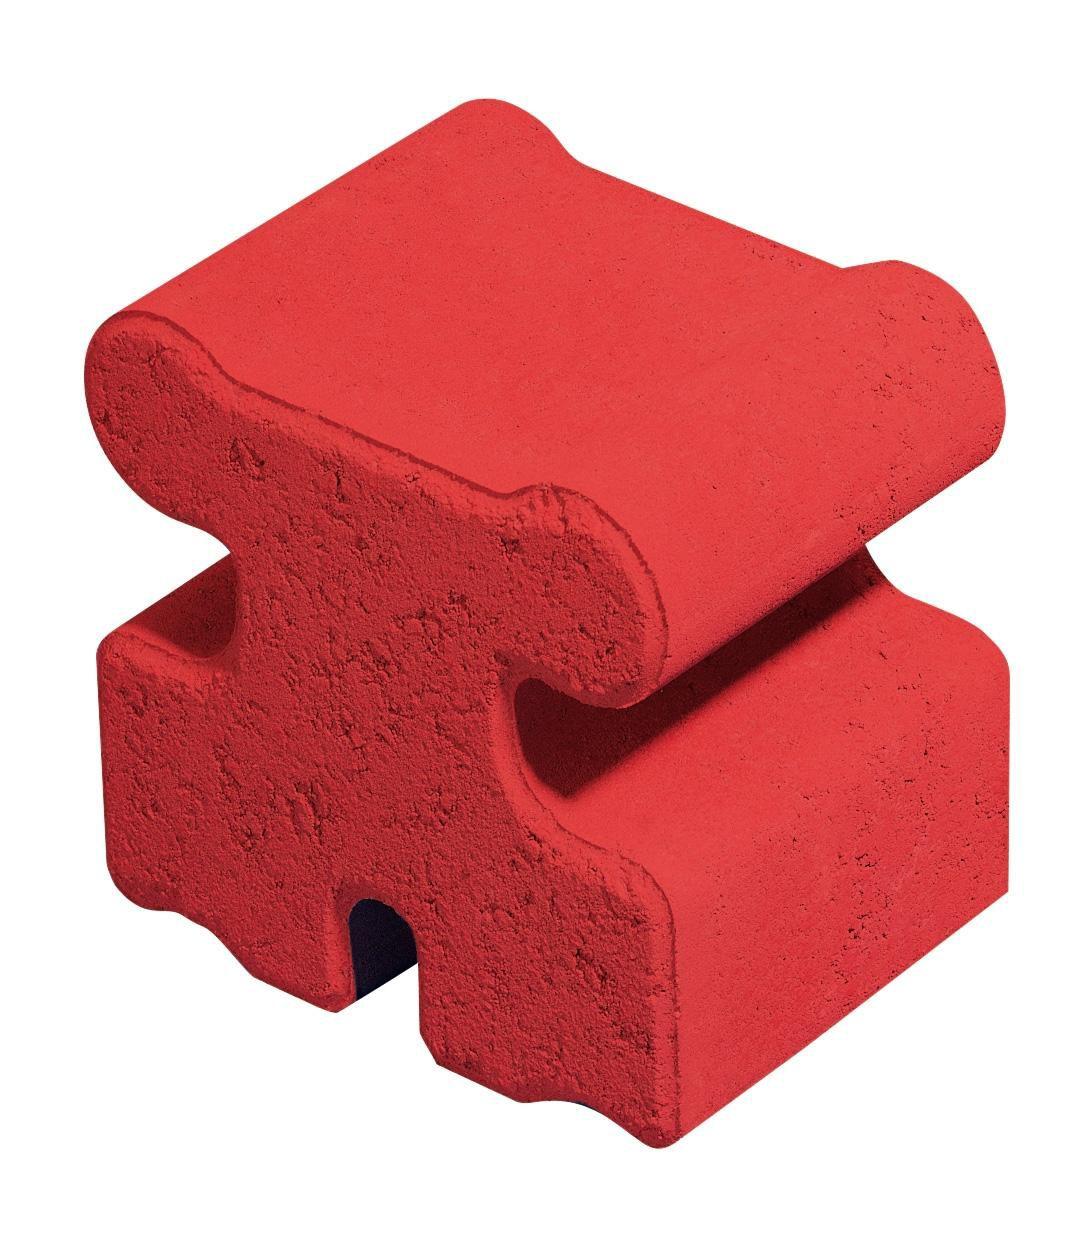 HAILO Hailo Ballast Gewicht Beton 12,5 kg